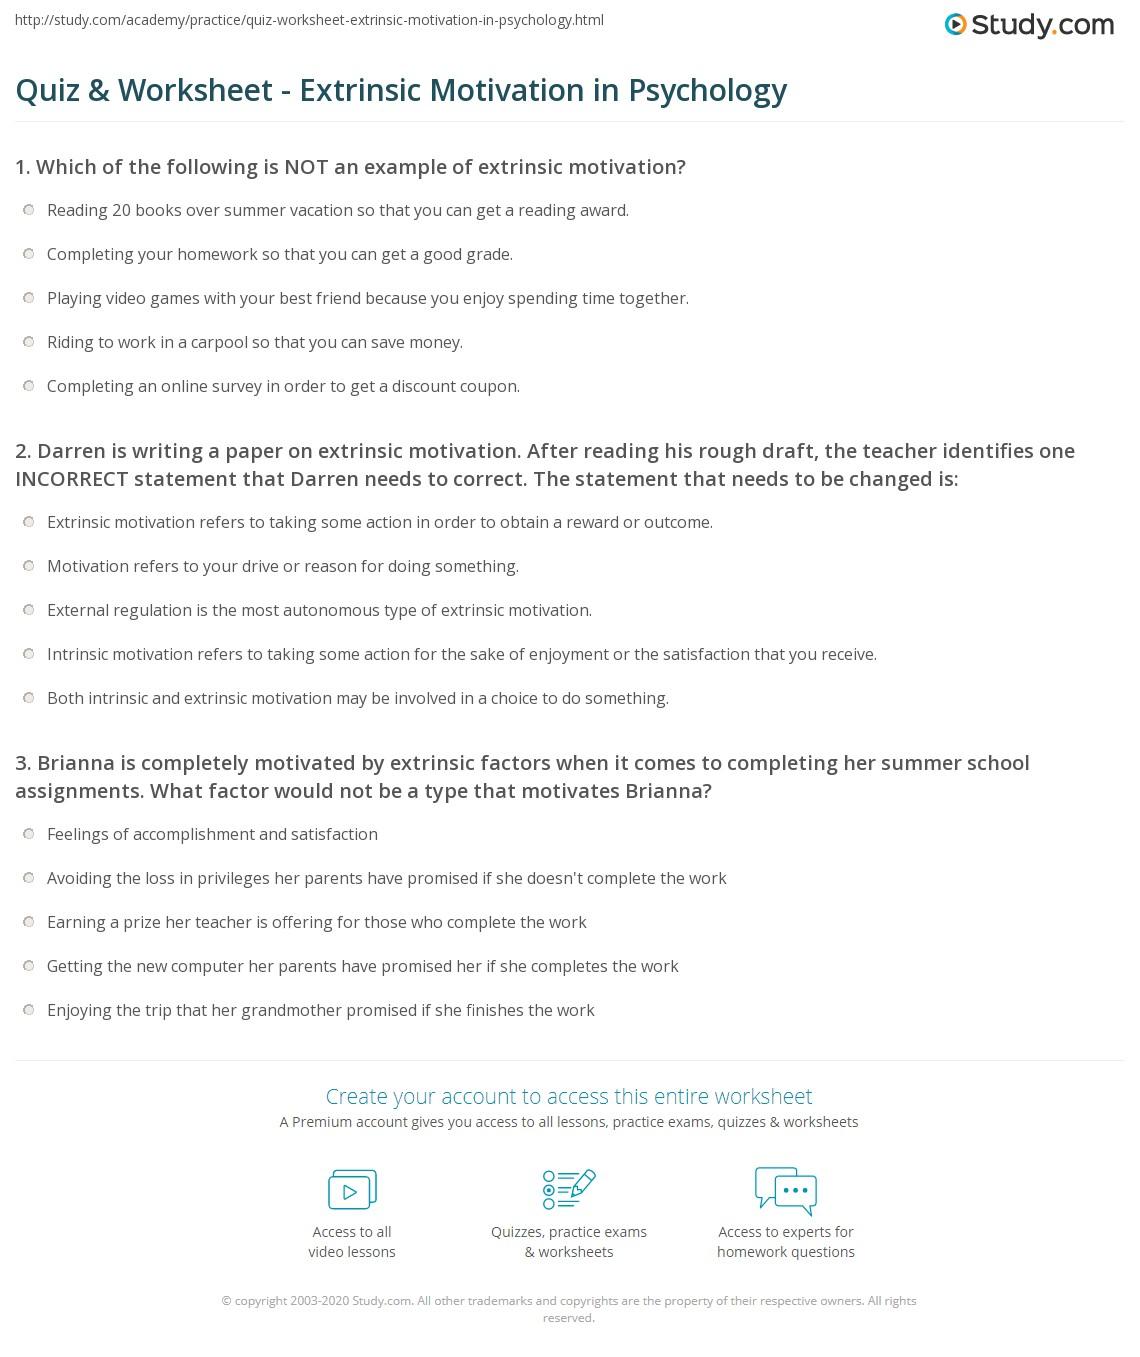 quiz worksheet extrinsic motivation in psychology. Black Bedroom Furniture Sets. Home Design Ideas